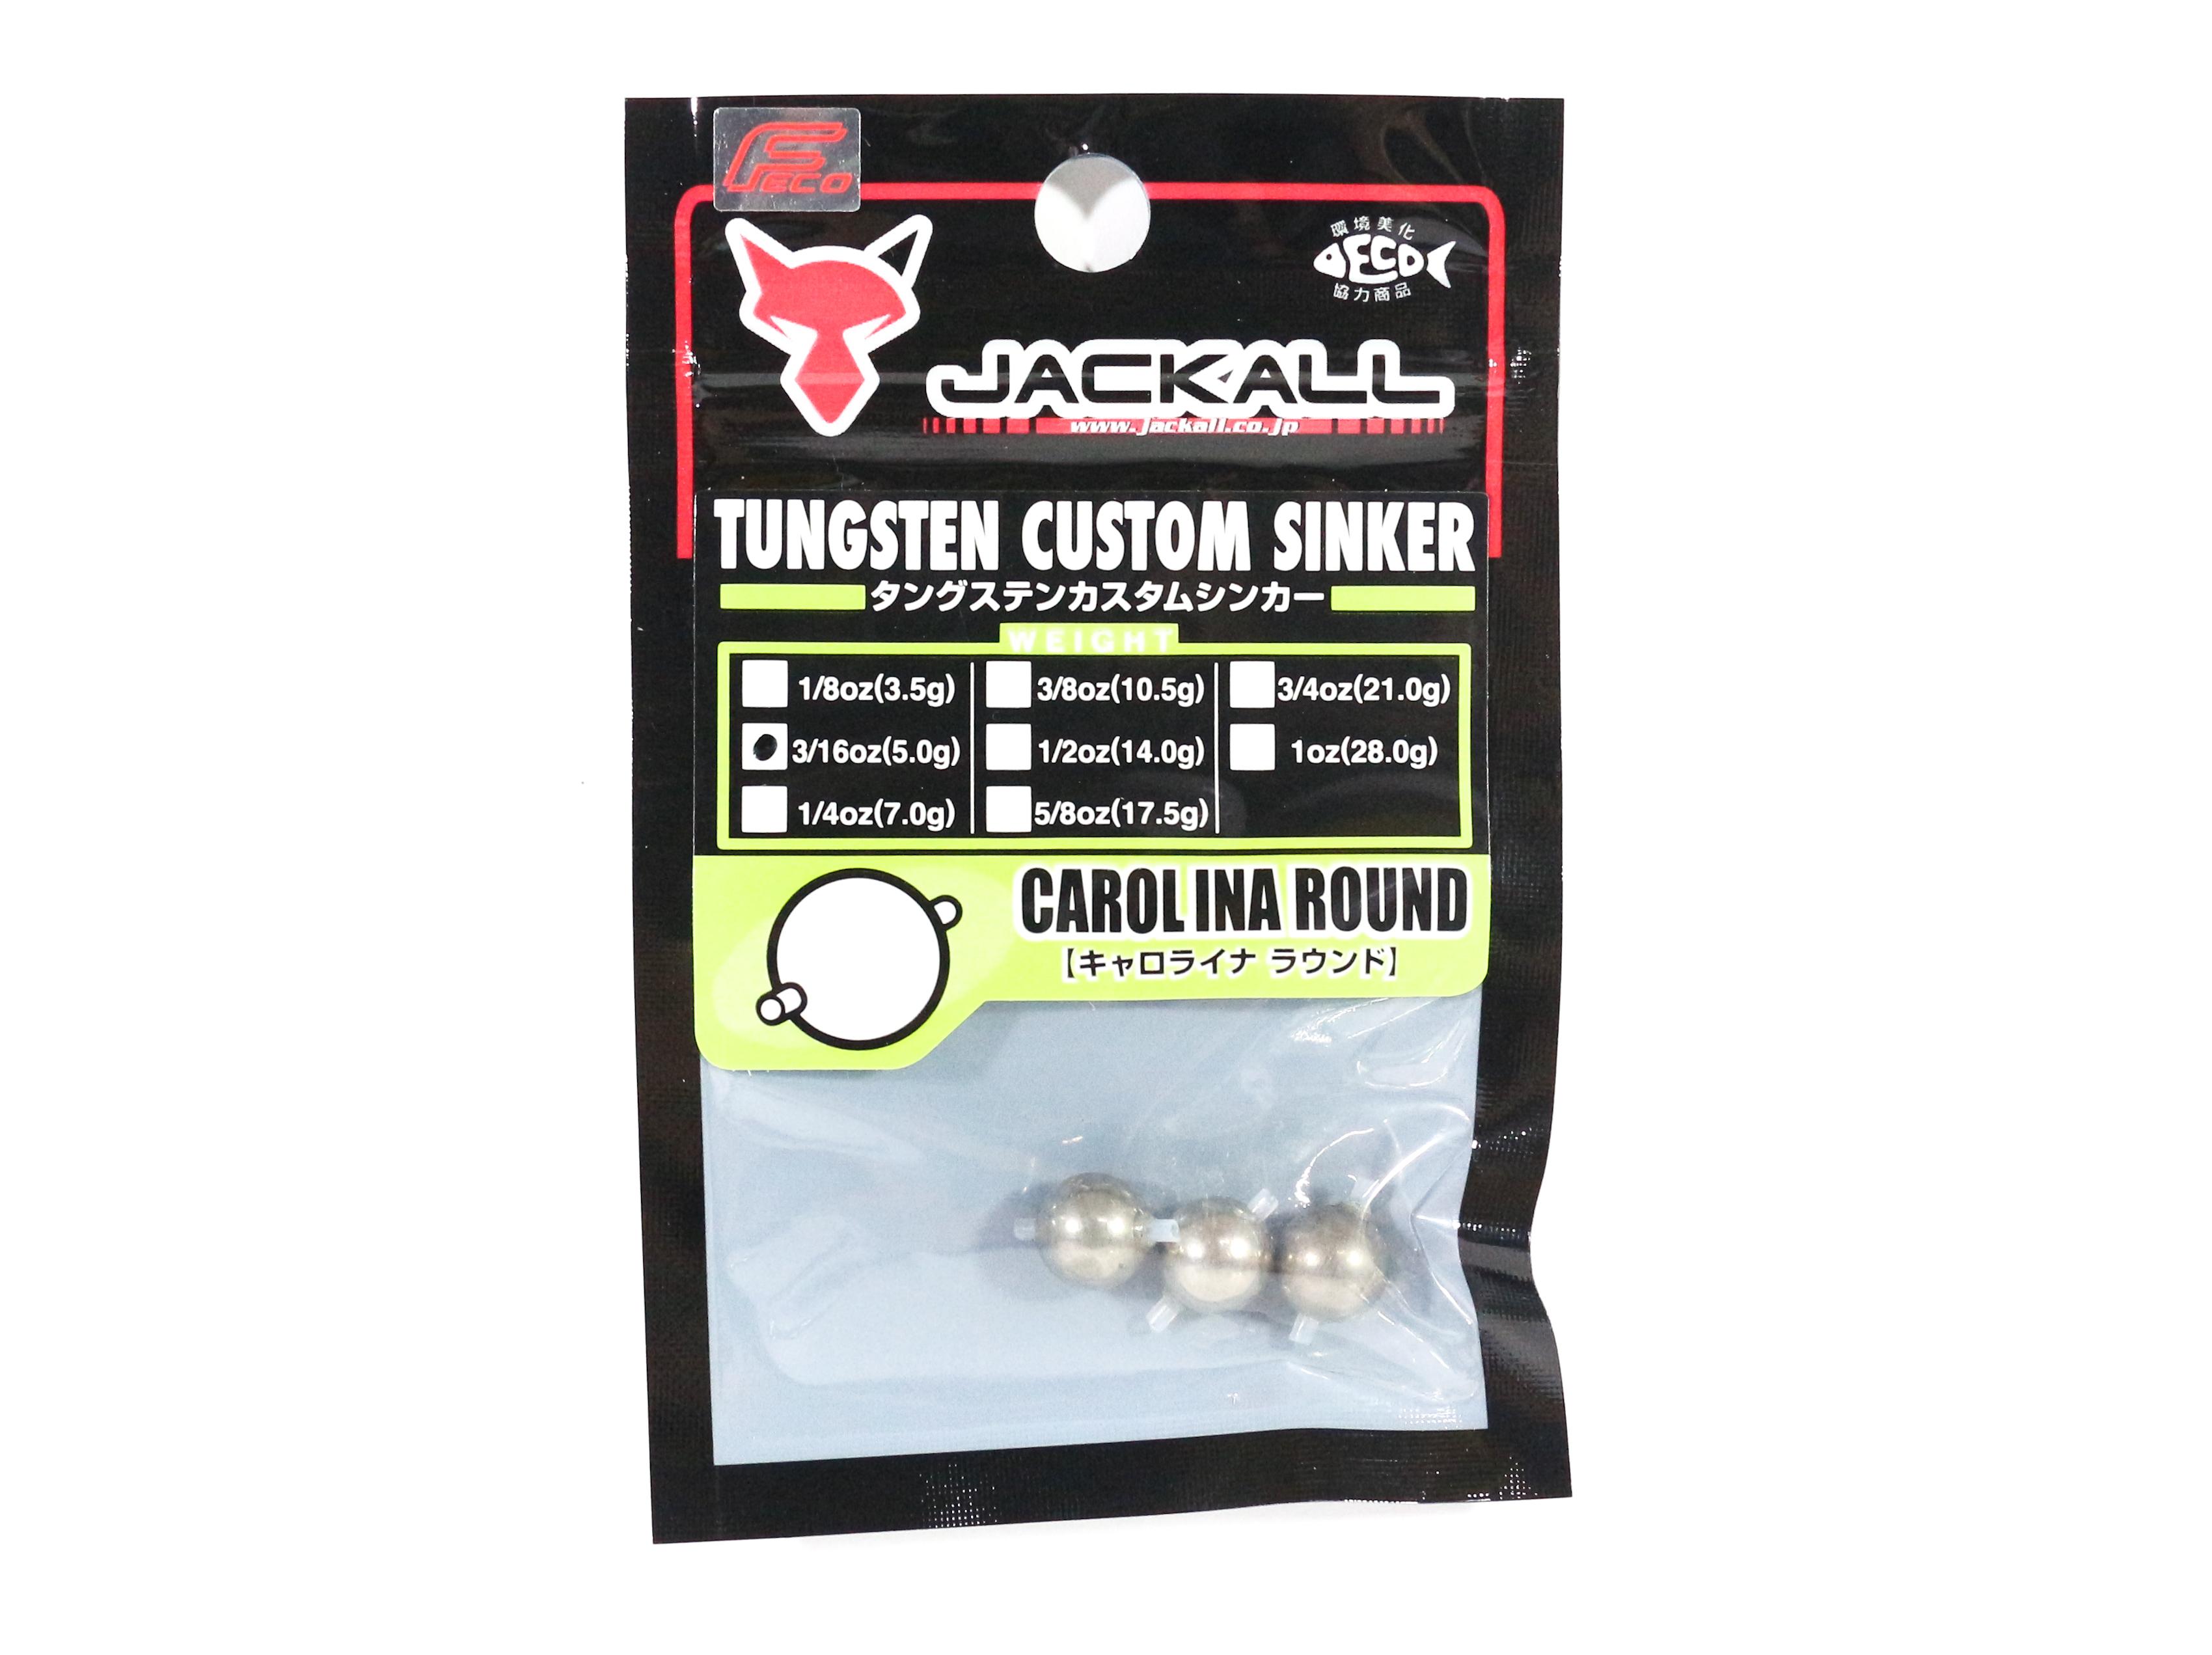 Jackall Tungsten Sinker Carolina Round Custom Design 5.0 Grams 3 Pcs (4896)